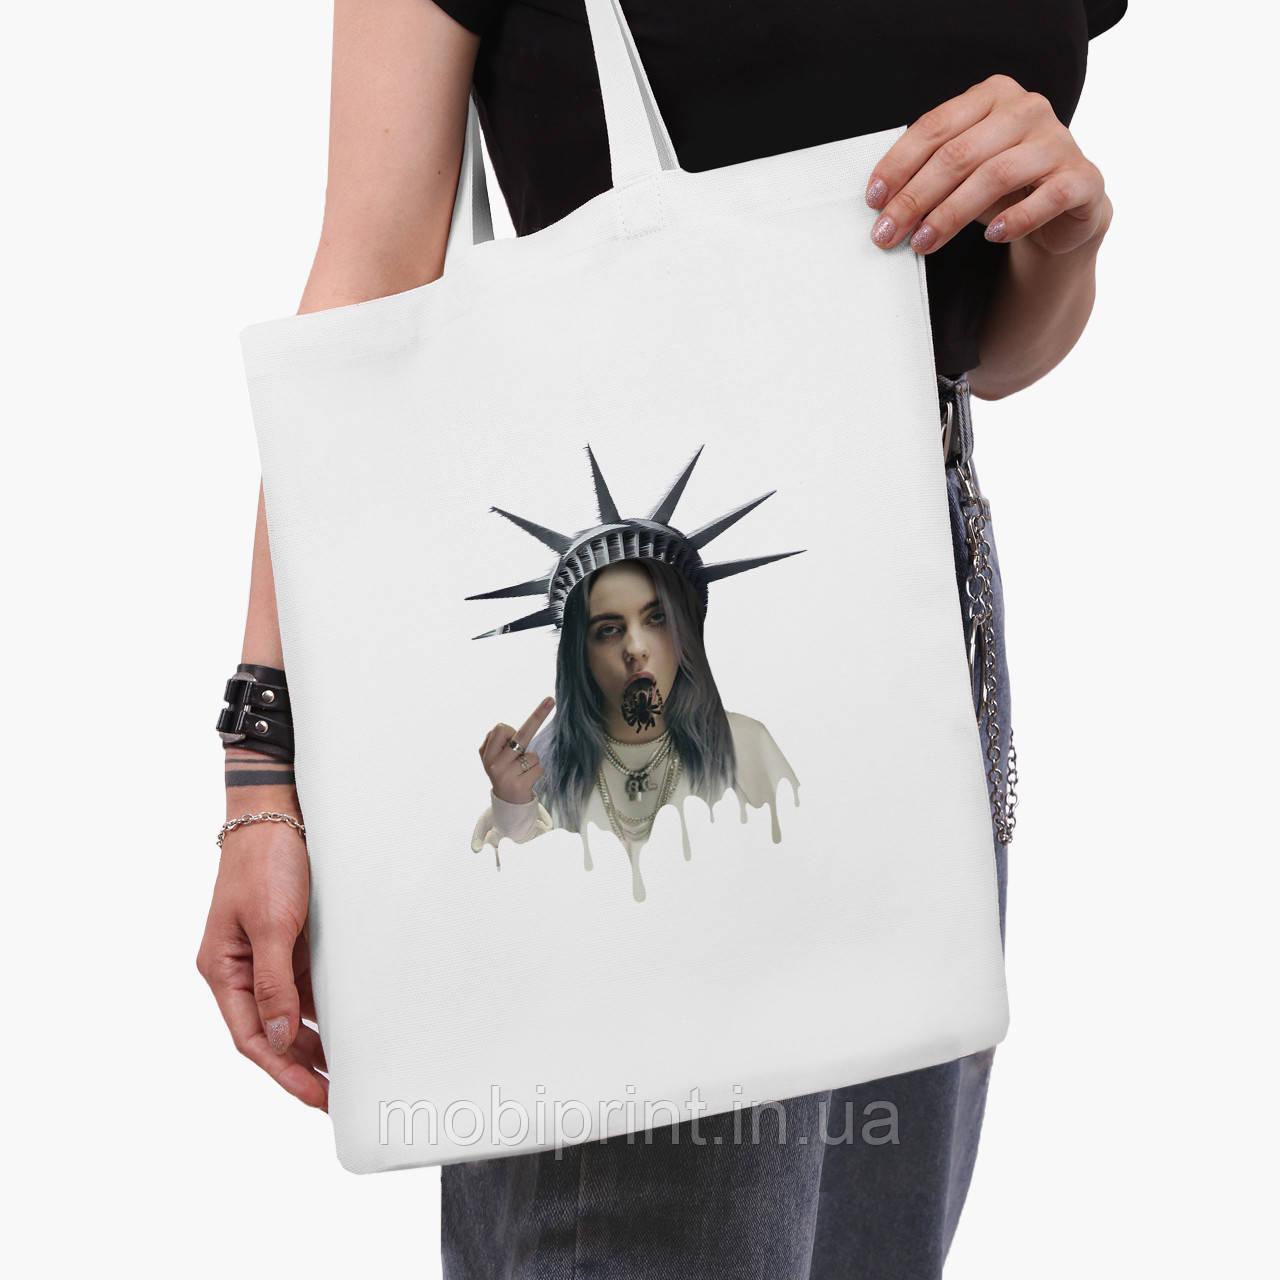 Еко сумка шоппер біла Ренесанс-Біллі Айлиш (Billie Eilish) (9227-1583-3) 41*35 см